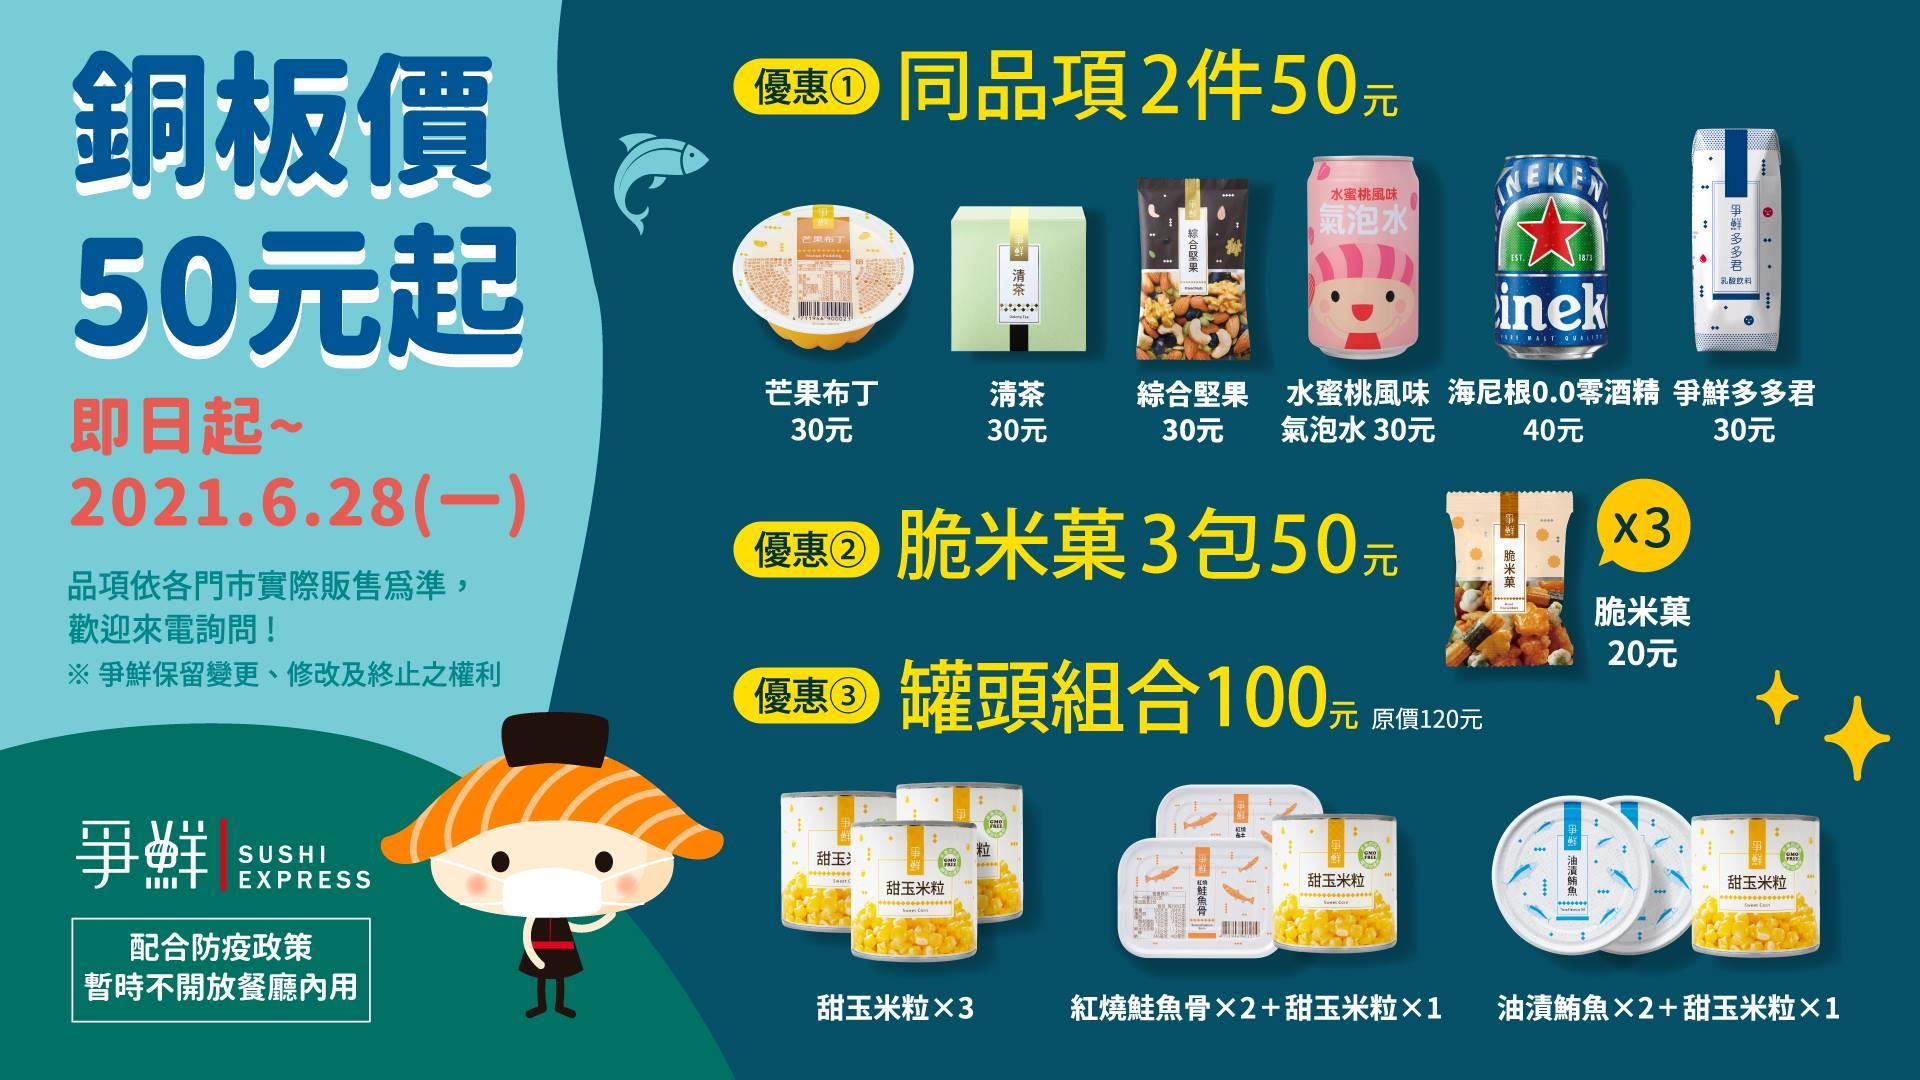 台北外帶美食 優惠餐廳總整理 防疫期間外帶優惠總整理! 連鎖品牌外帶優惠懶人包 100